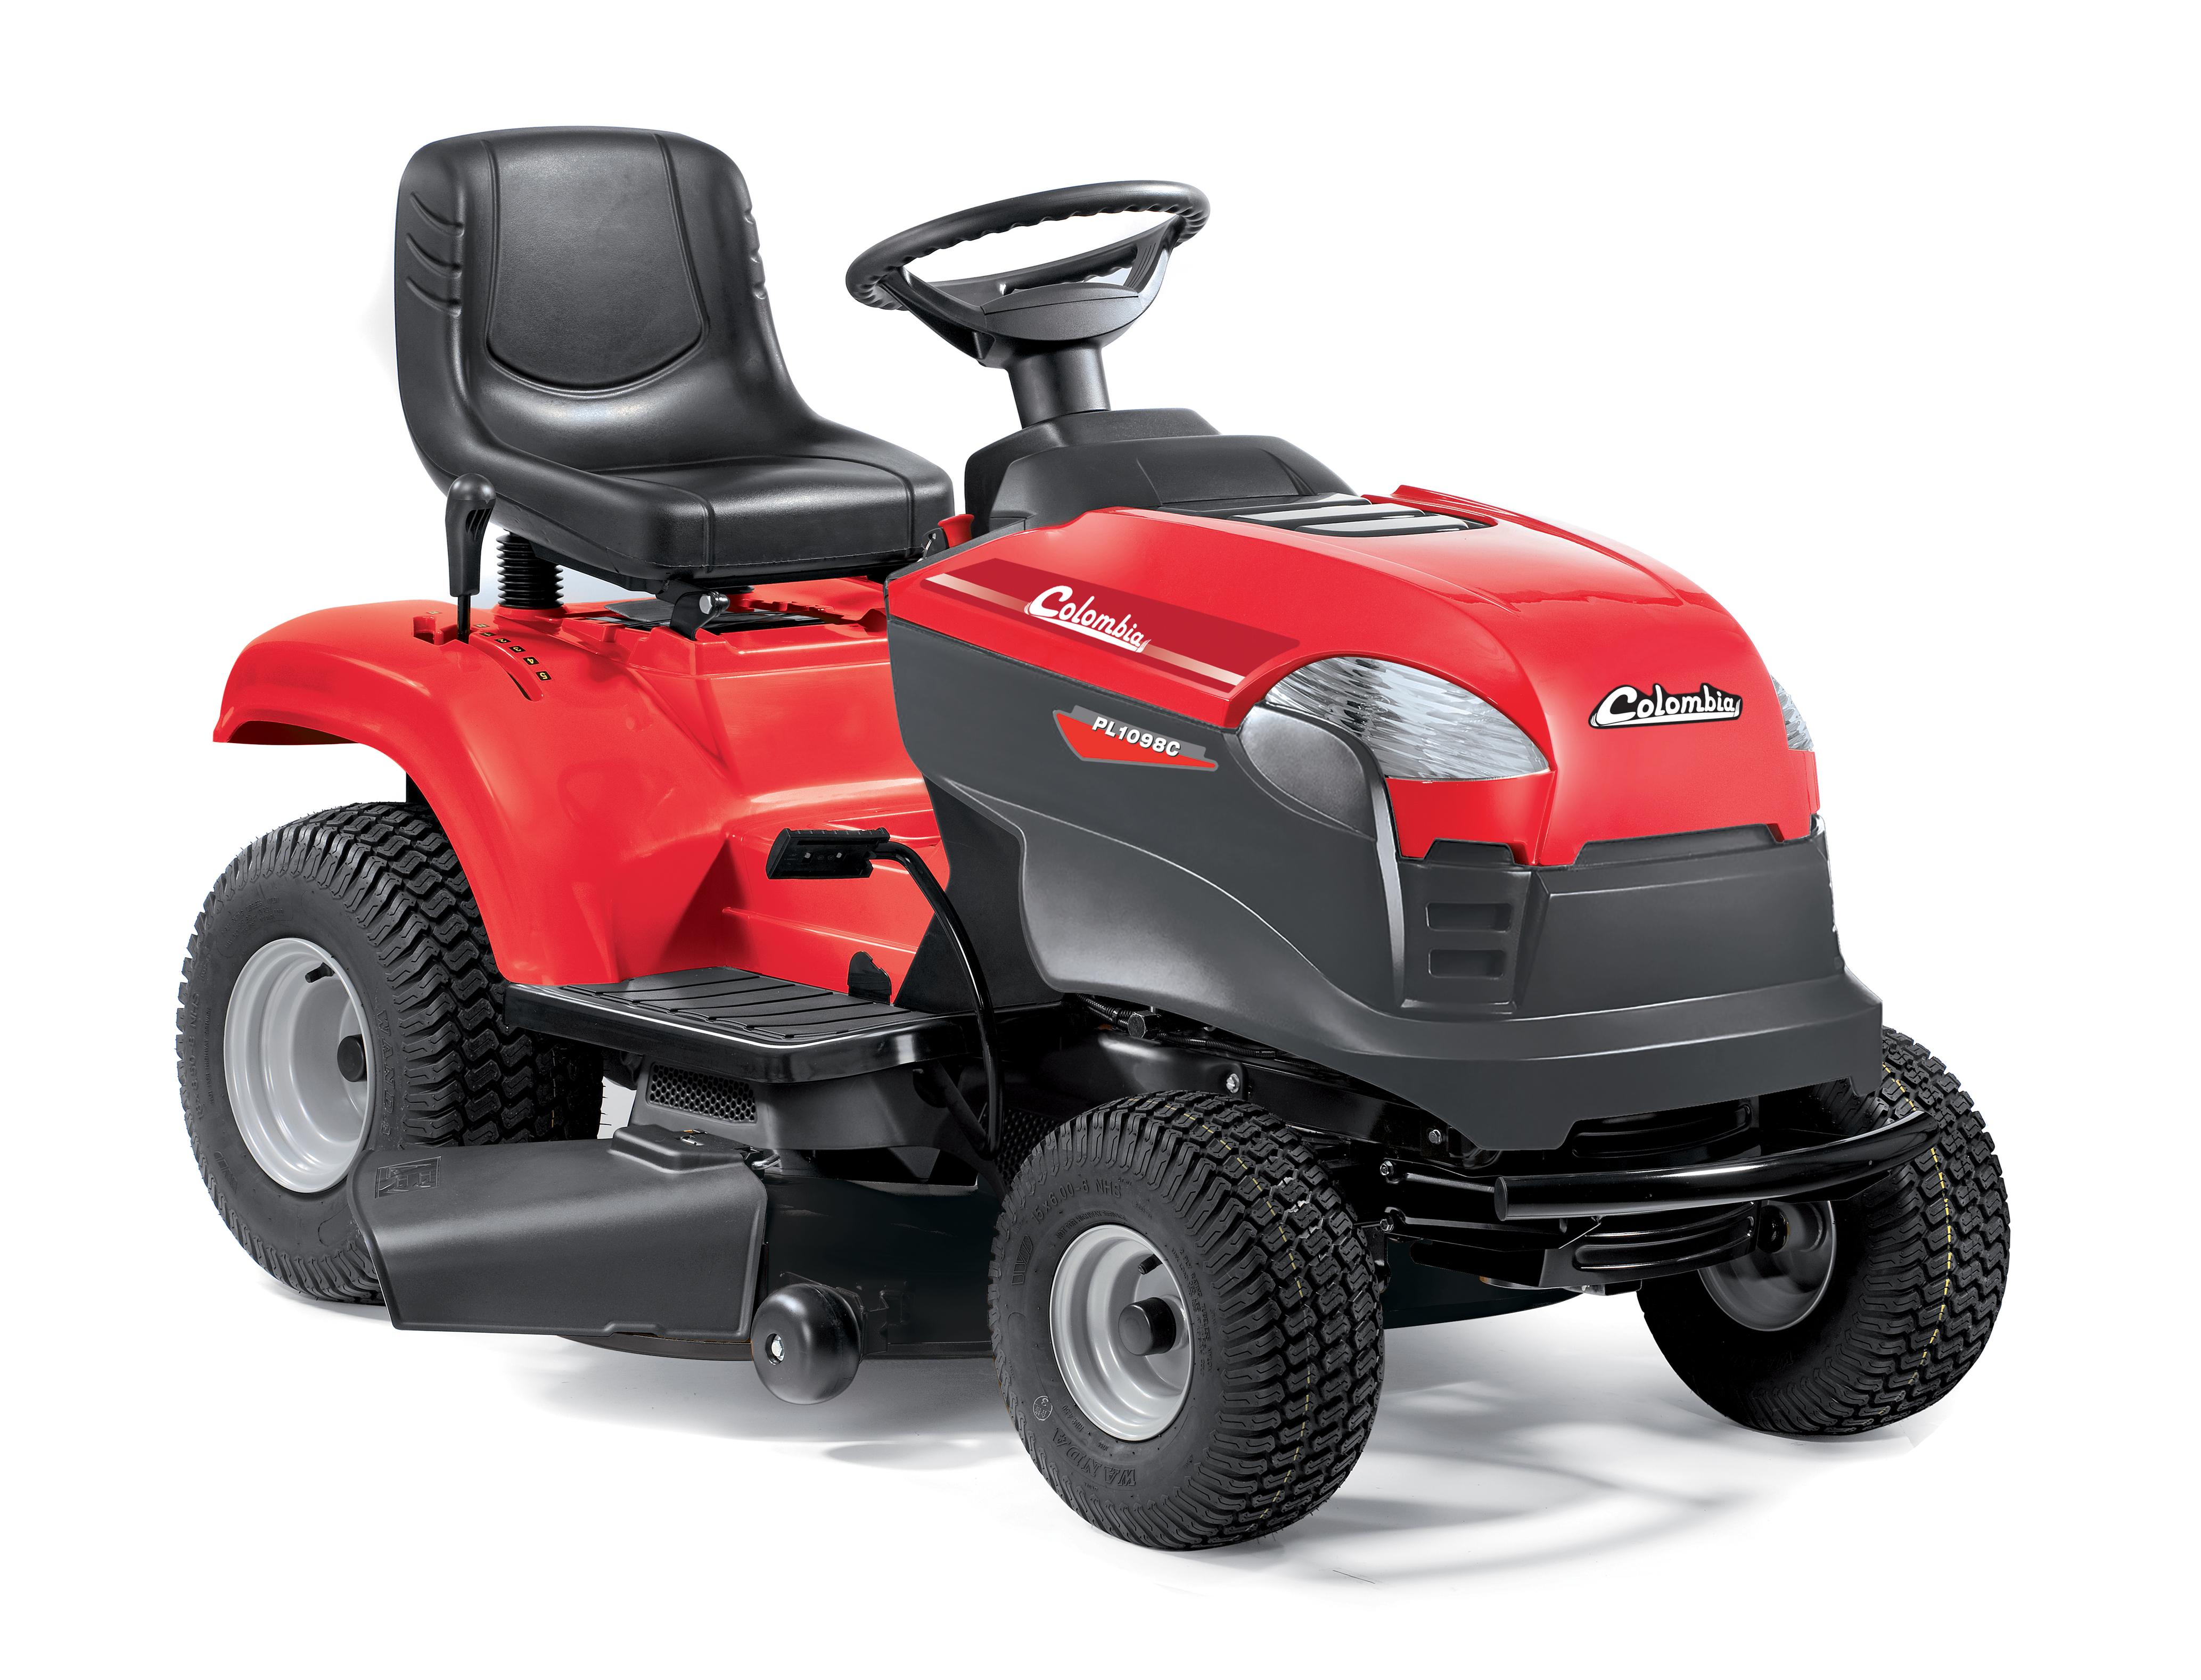 tracteur tondeuse colombia PL 1098 C